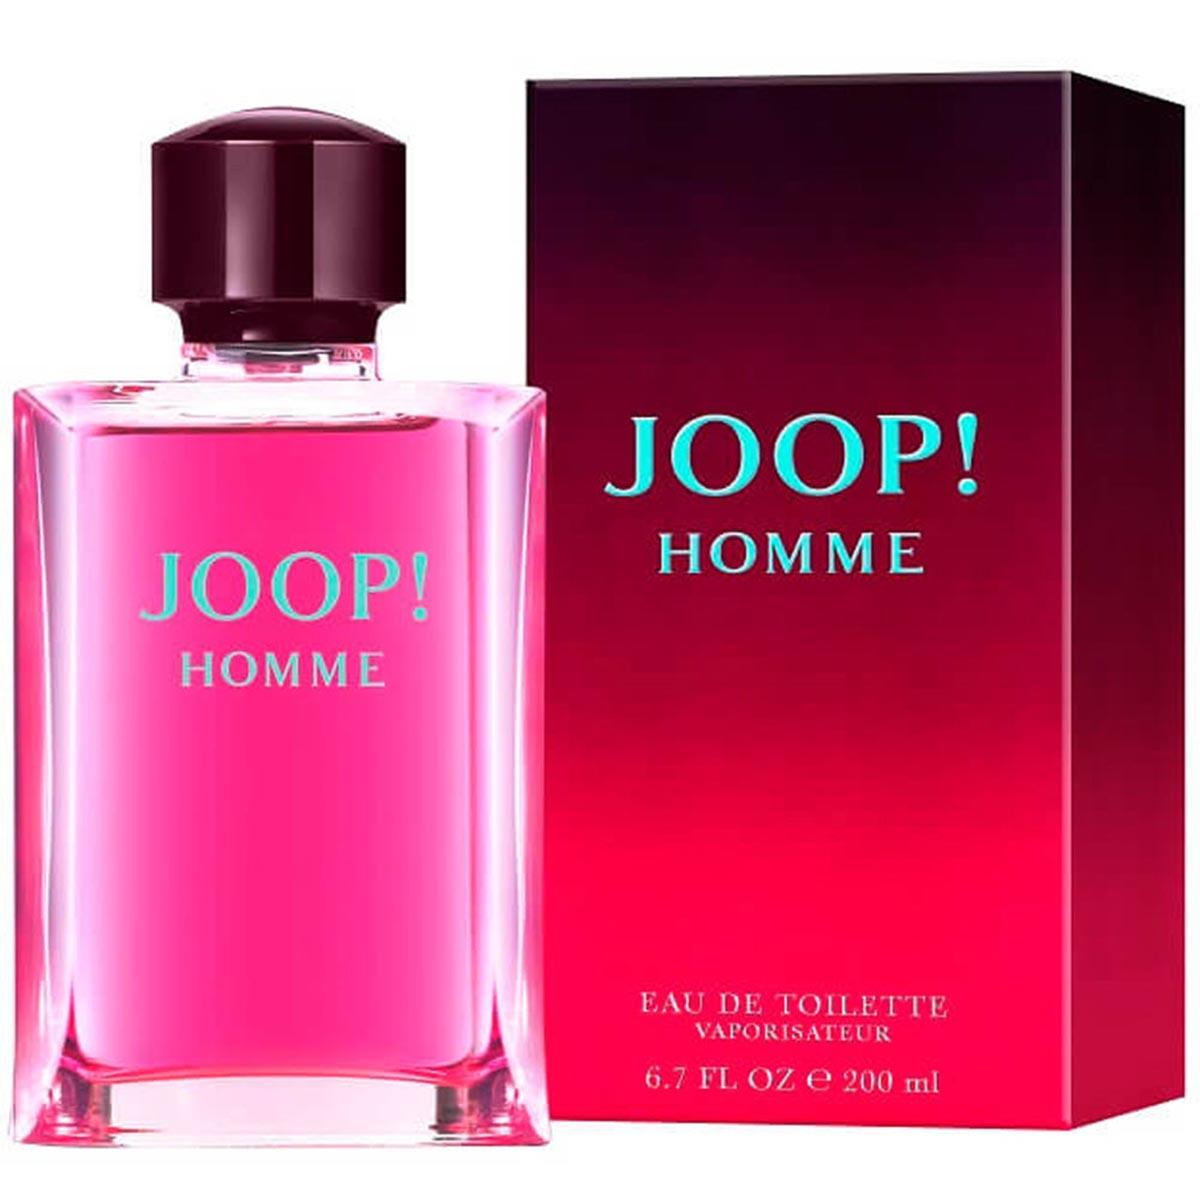 Joop homme eau de toilette 200ml vaporizador